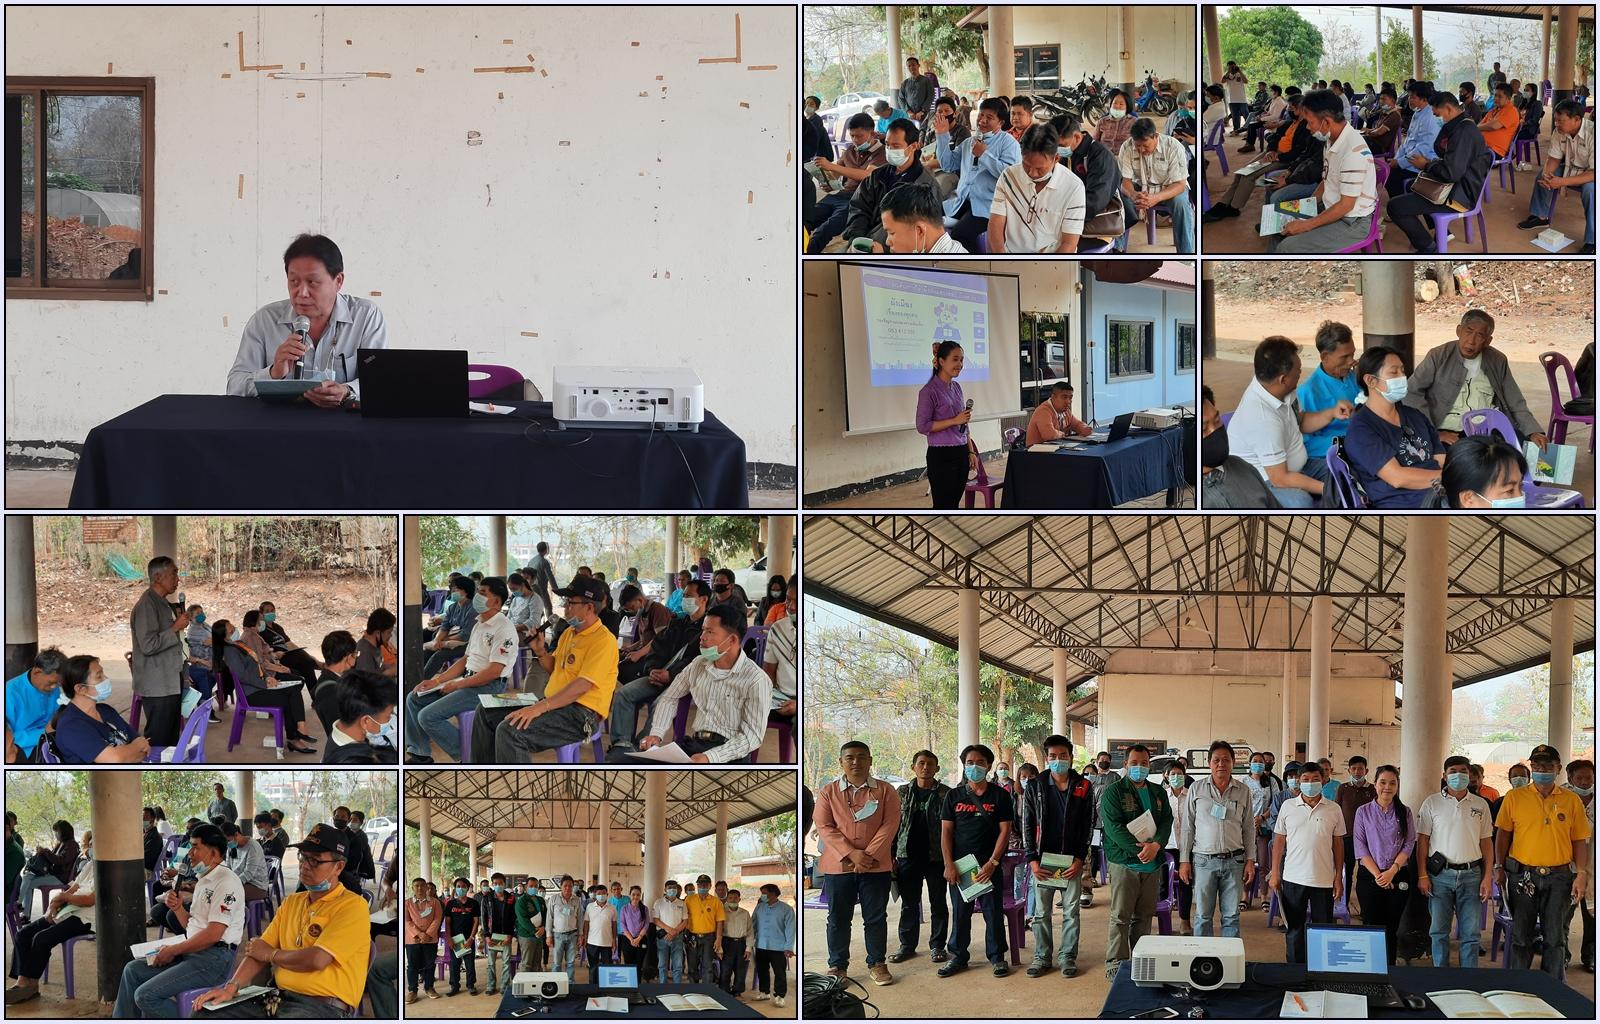 จัดประชุมประชาชนกลุ่มย่อยในเขตพื้นที่ตำบลผาบ่อง วันพฤหัสบดีที่ 18 มีนาคม 2564 เวลา 09.30 - 11.30 น. ณ ห้องประชุมองค์การบริหารส่วนตำบลผาบ่อง (โรงจอดรถ) ตำบลผาบ่อง อำเภอเมือง จังหวัดแม่ฮ่องสอน